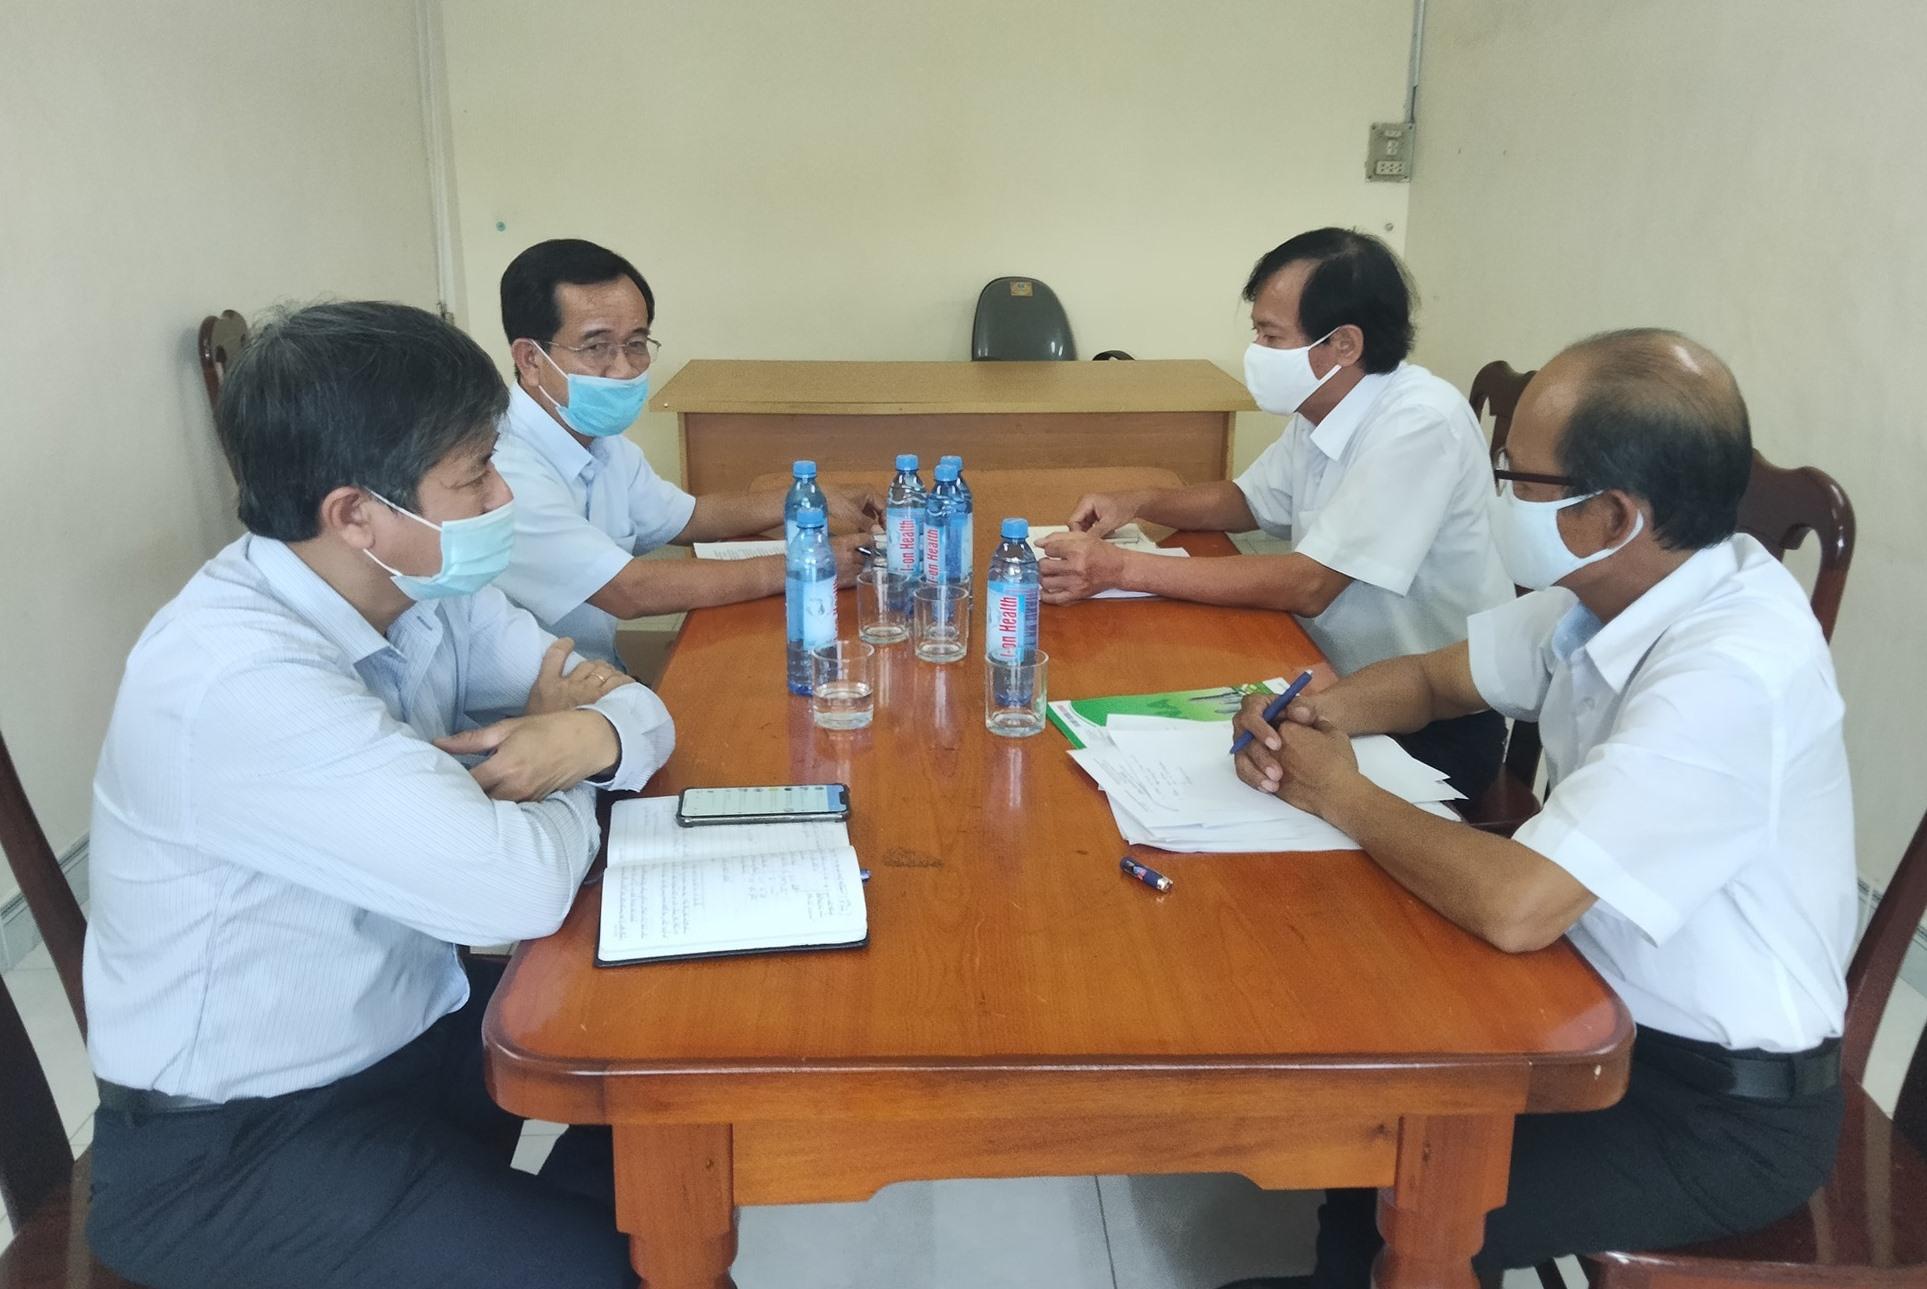 Lãnh đạo huyện Thăng Bình kiểm tra phương án chống dịch tại doanh nghiệp